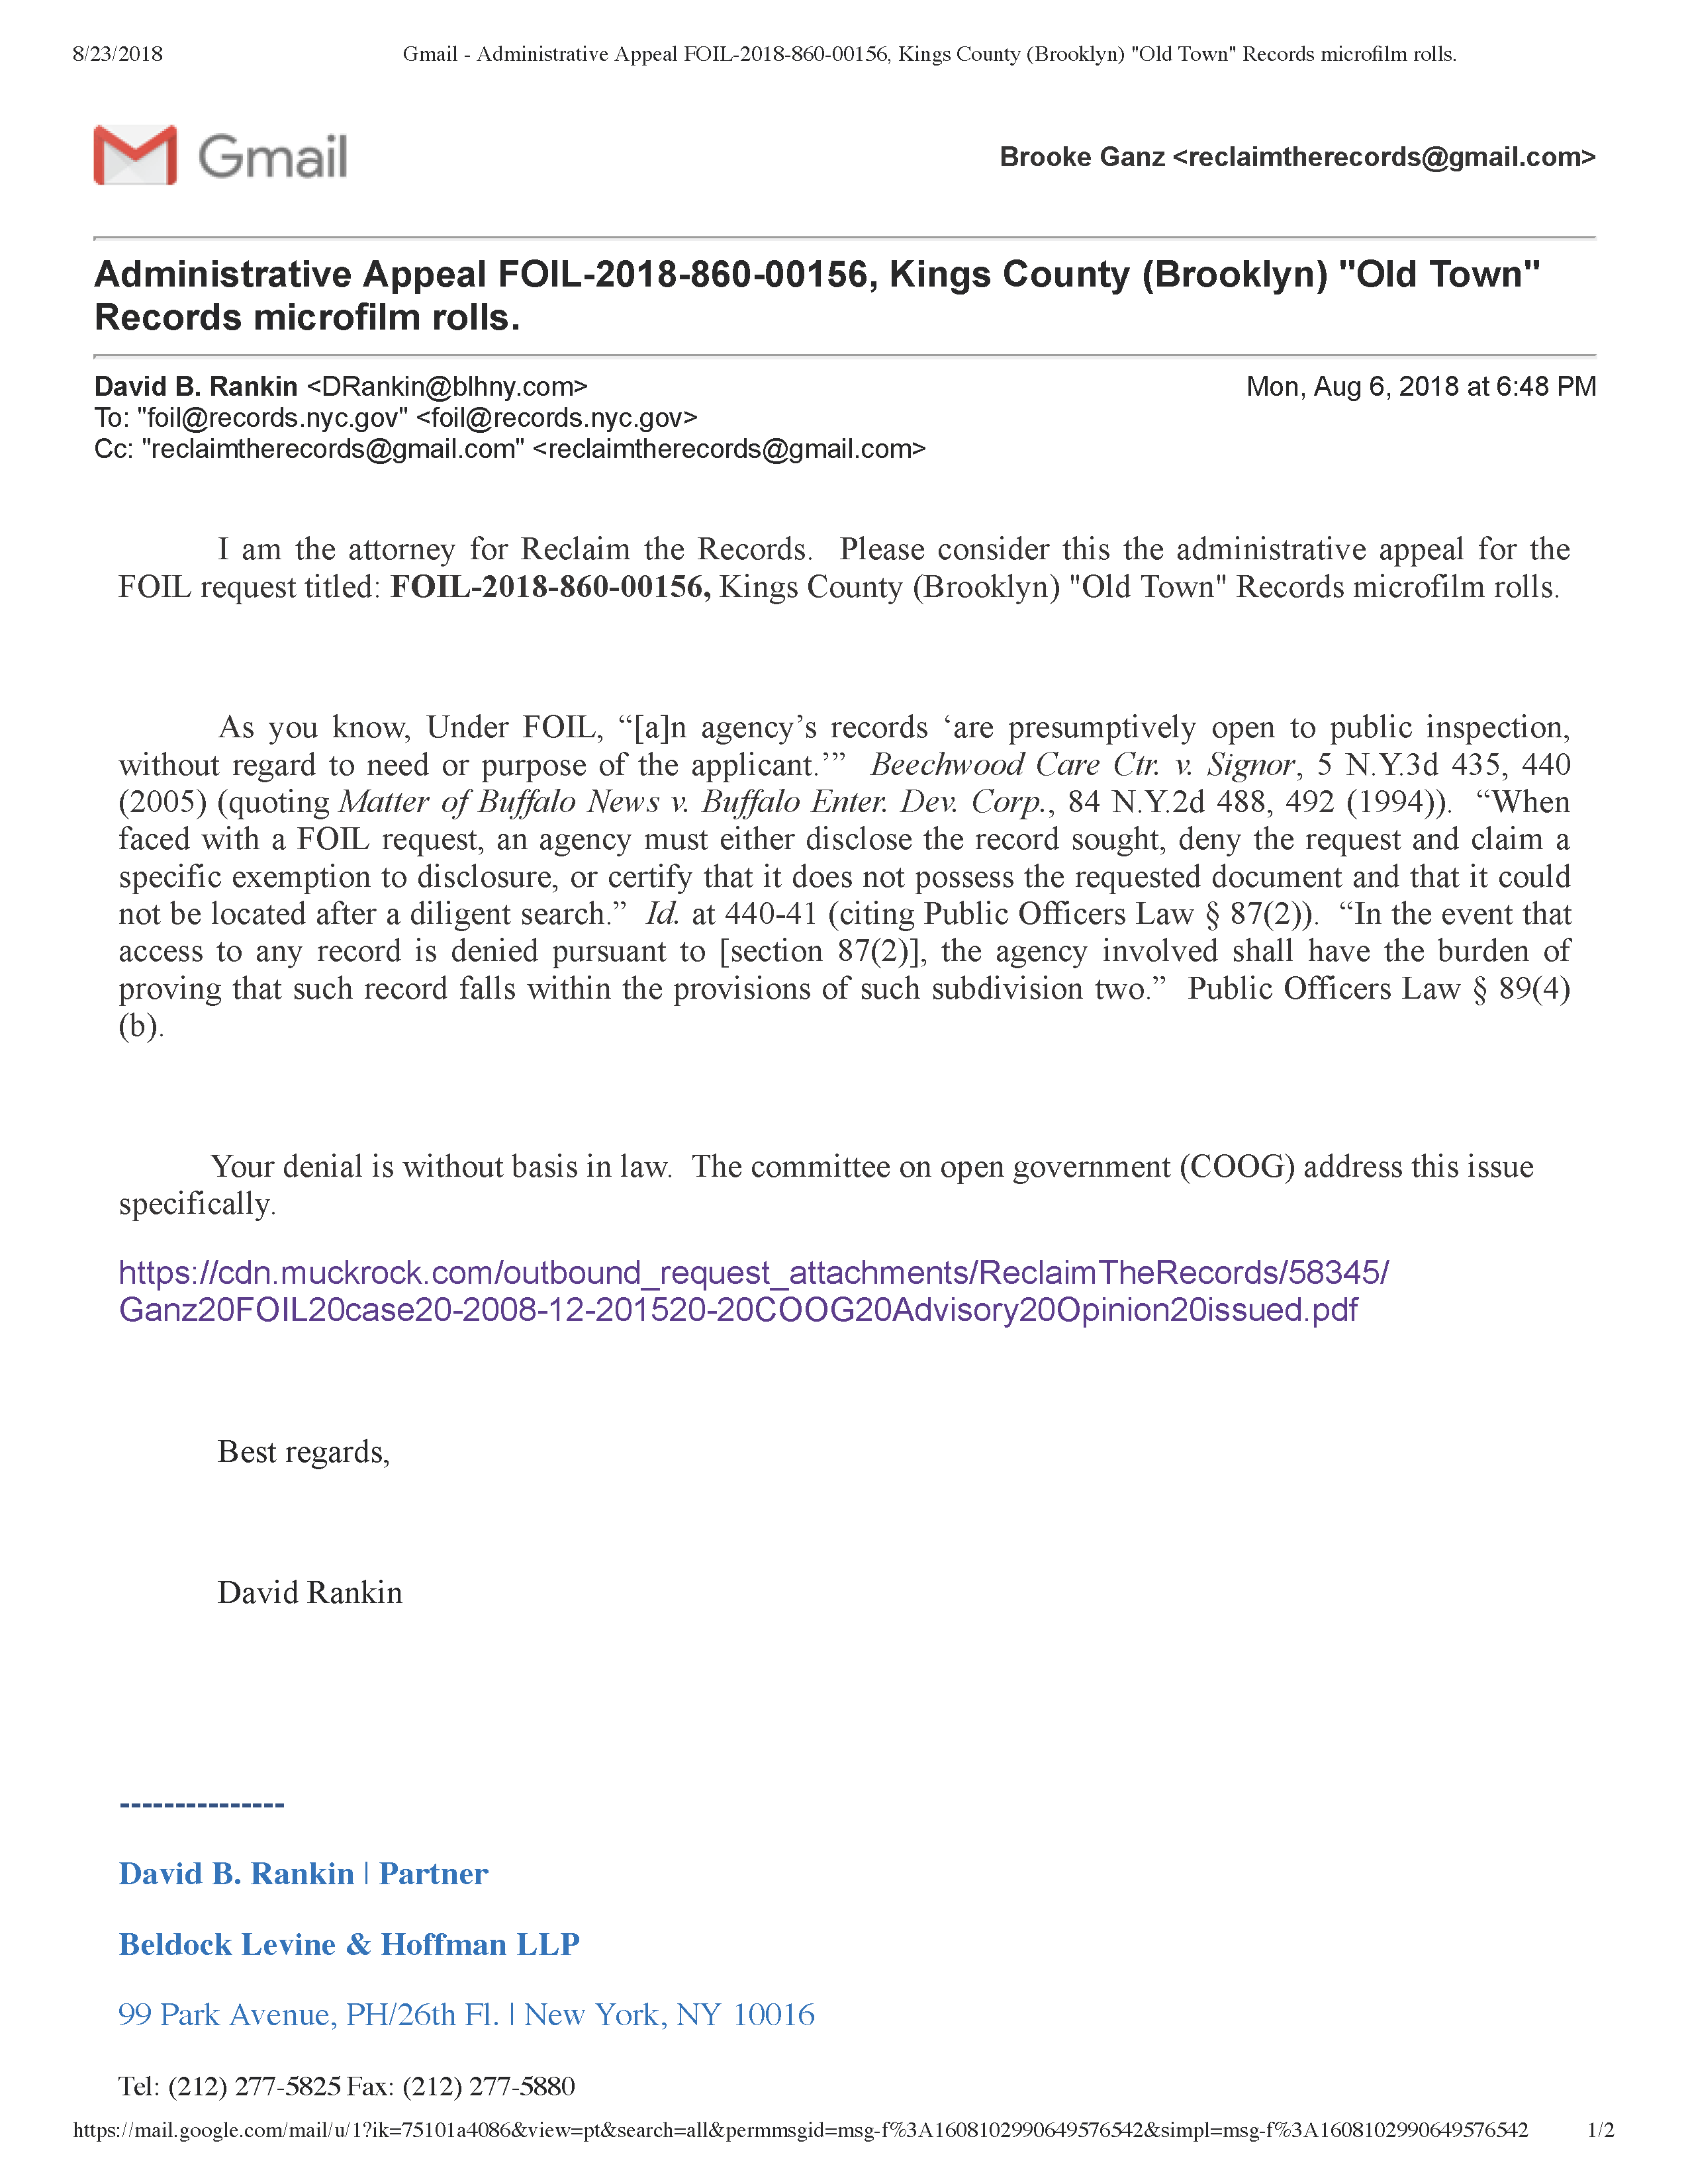 FOIL Appeal - August 6, 2018 (PDF)